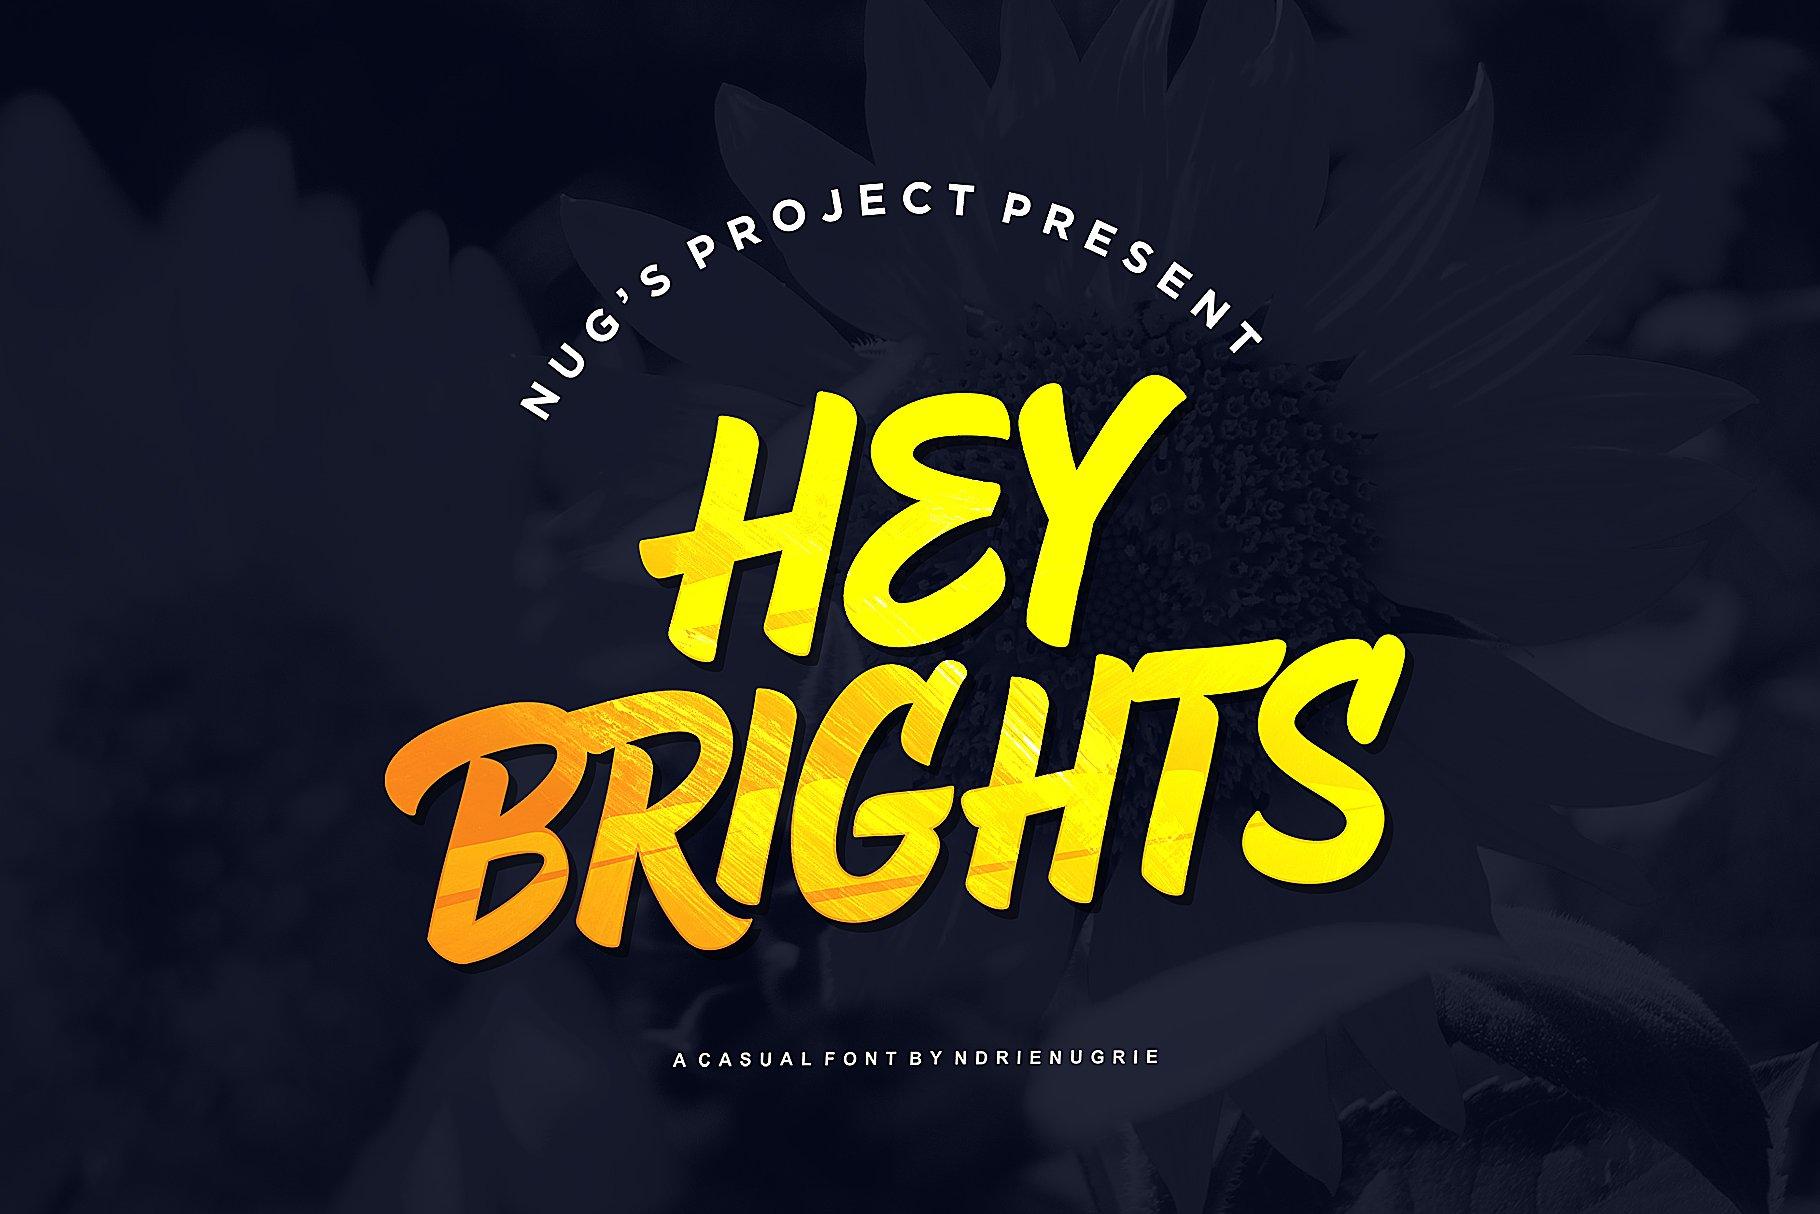 Hey Brights手写手绘时尚英文字体下载